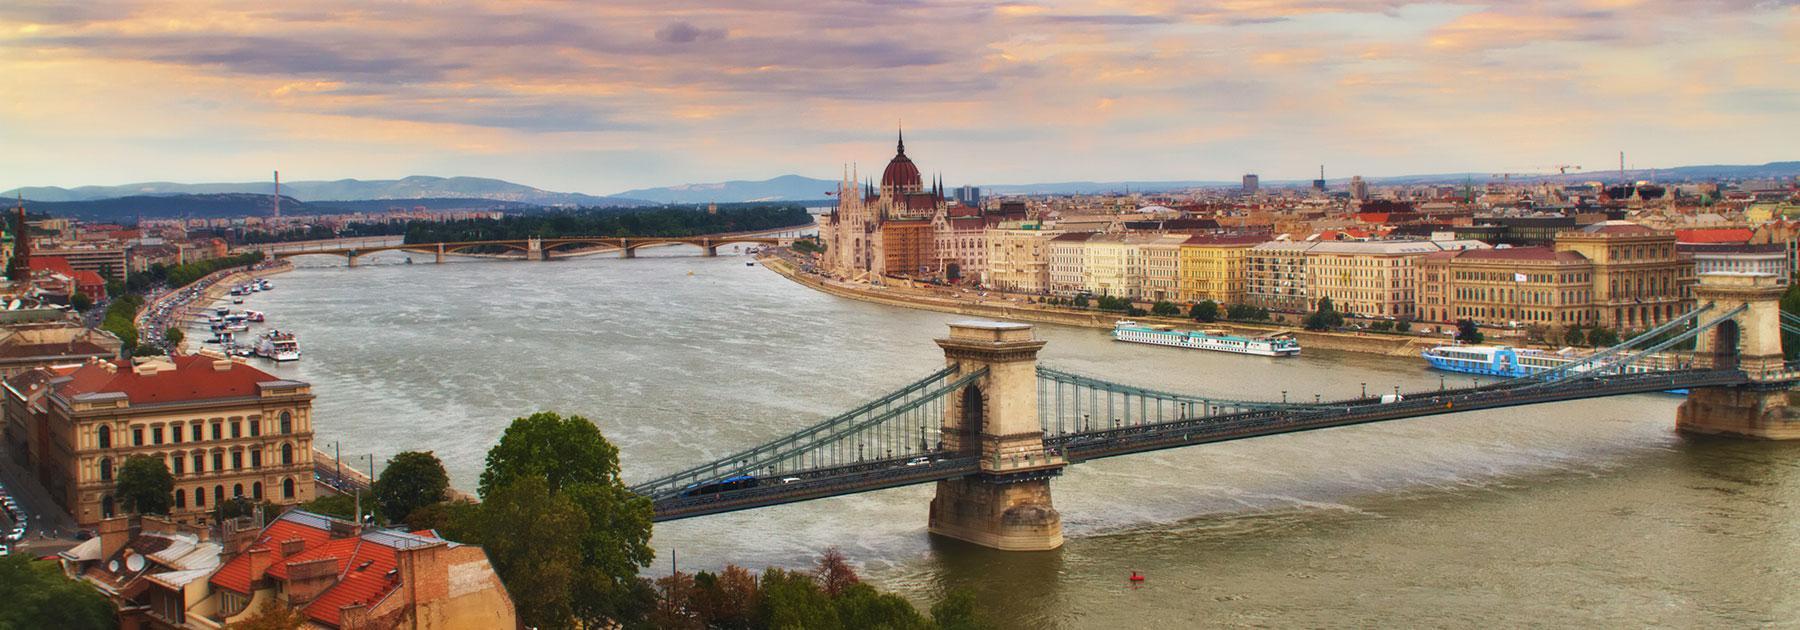 European Honeymoon Travel Packages